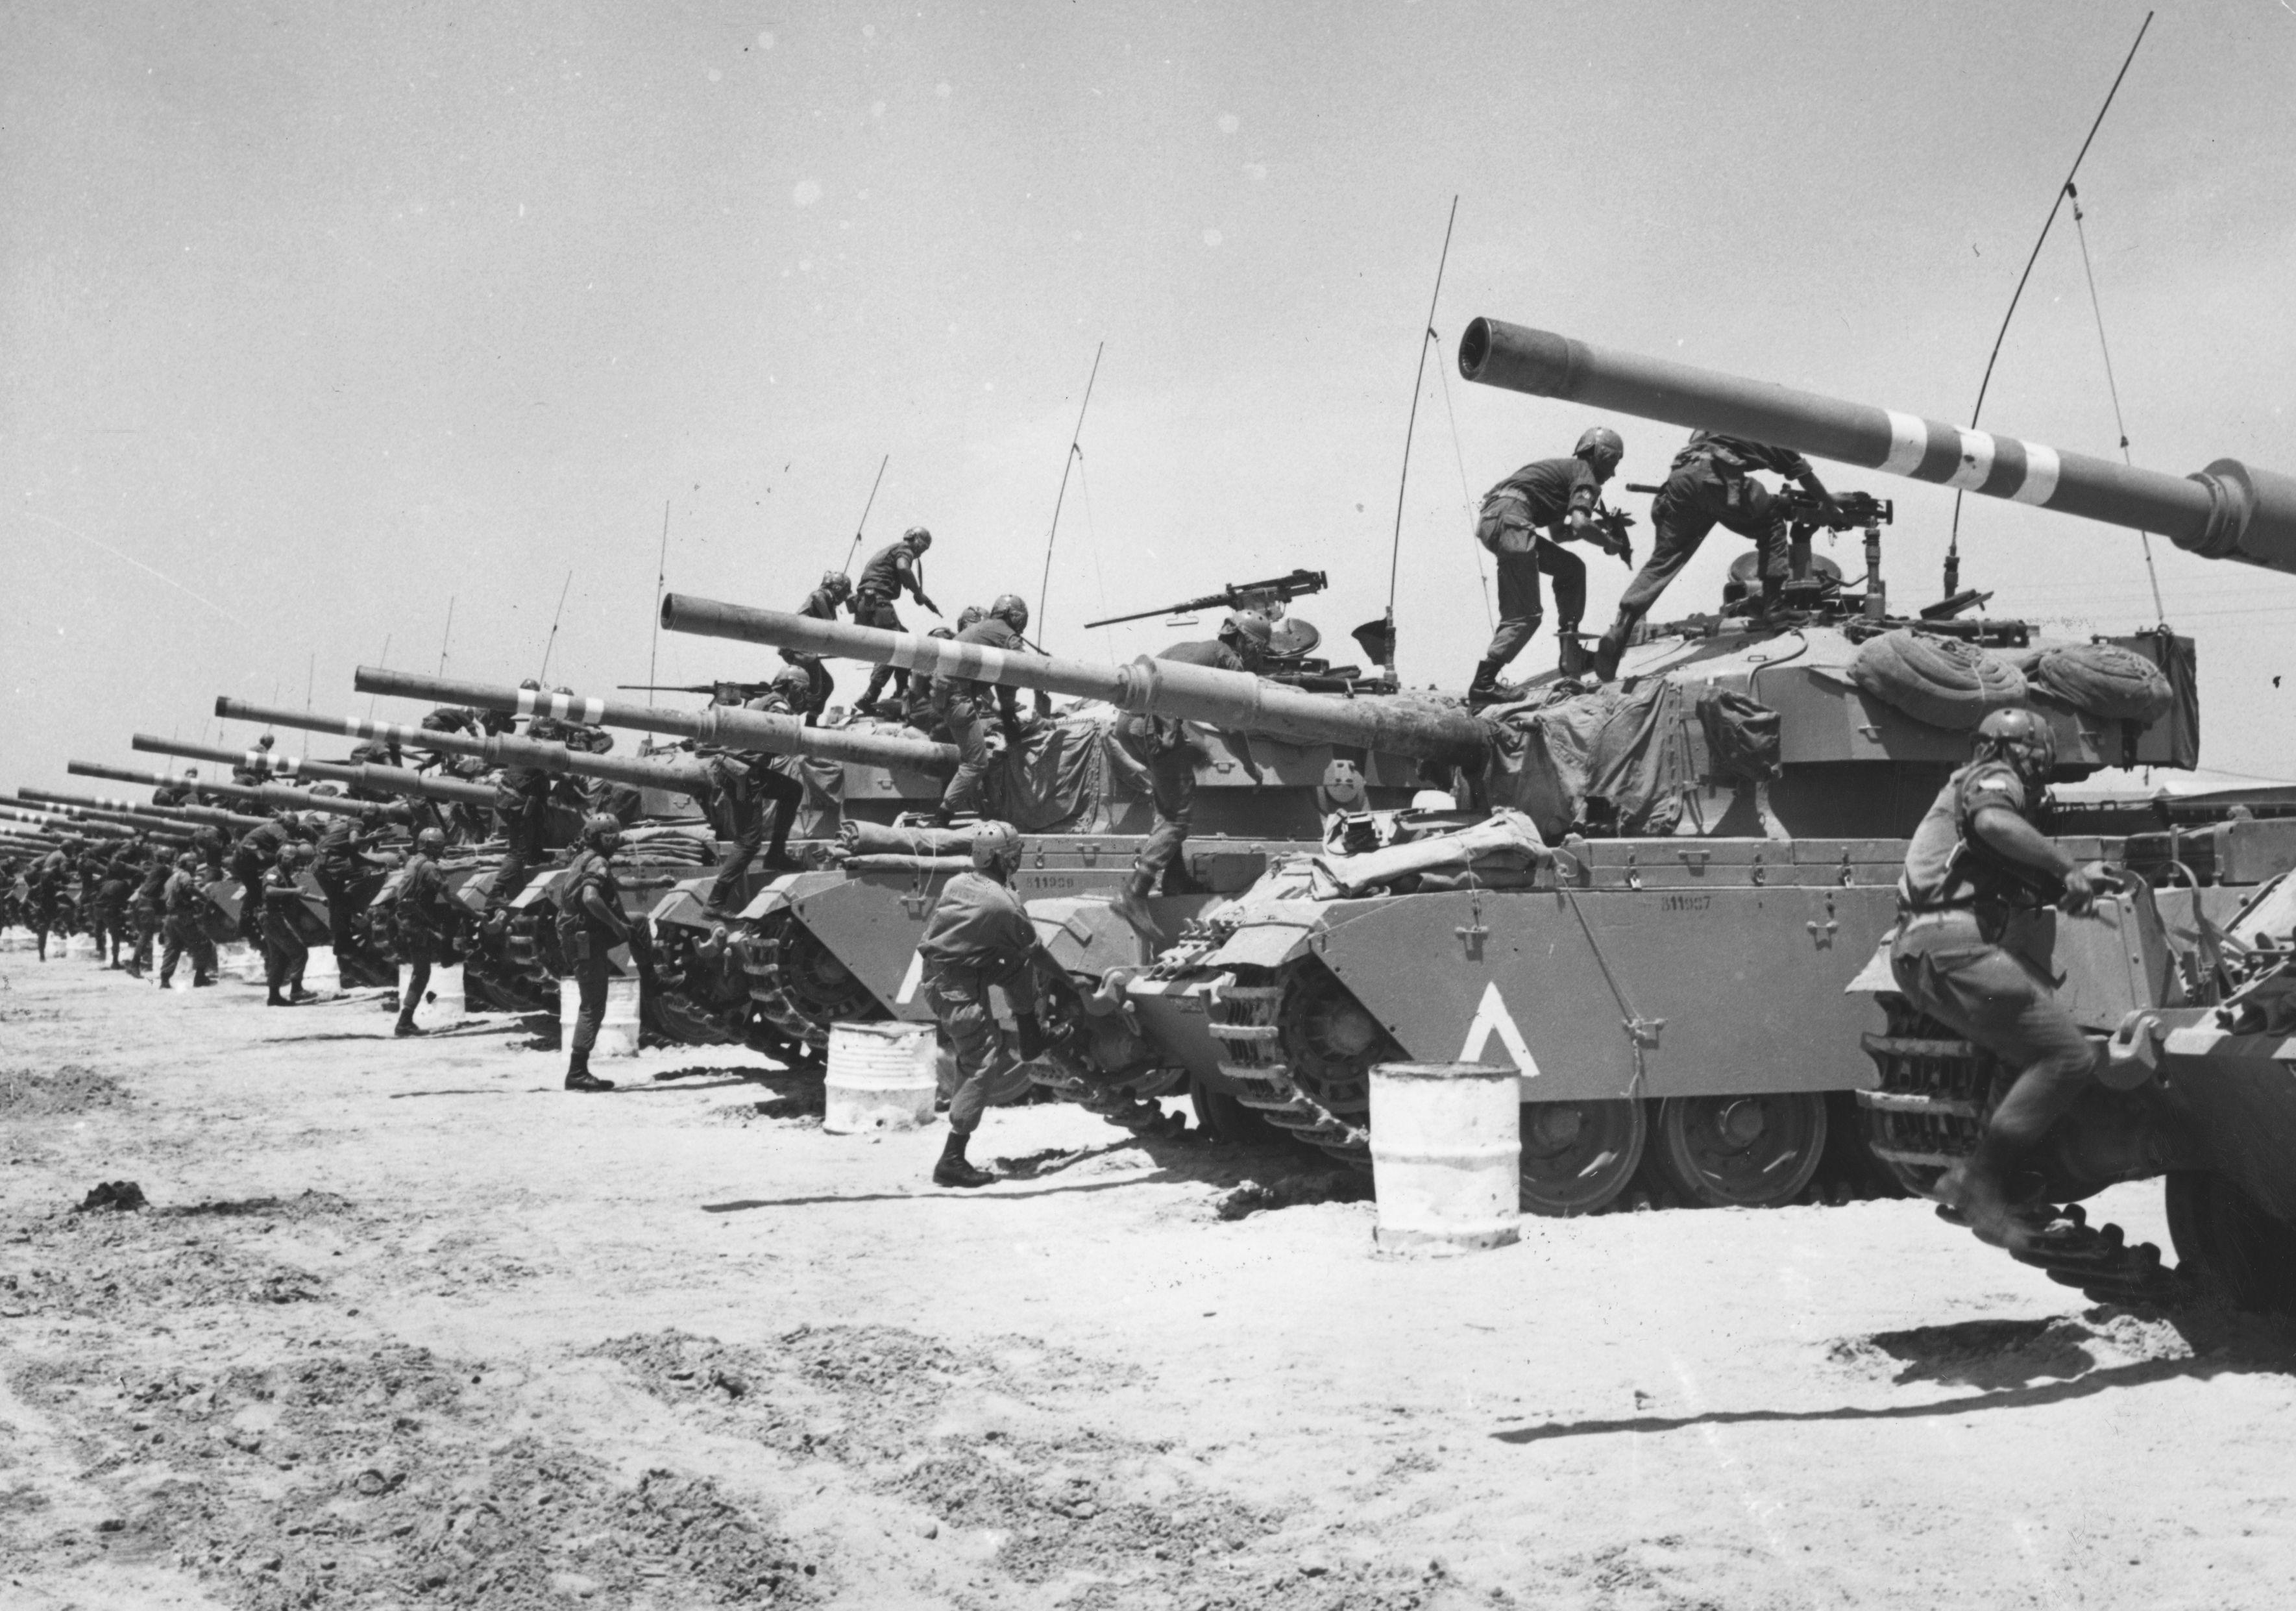 تقرير مؤتمر خمسون عامًا على حرب حزيران/ يونيو 1967: مسارات الحرب وتداعياتها